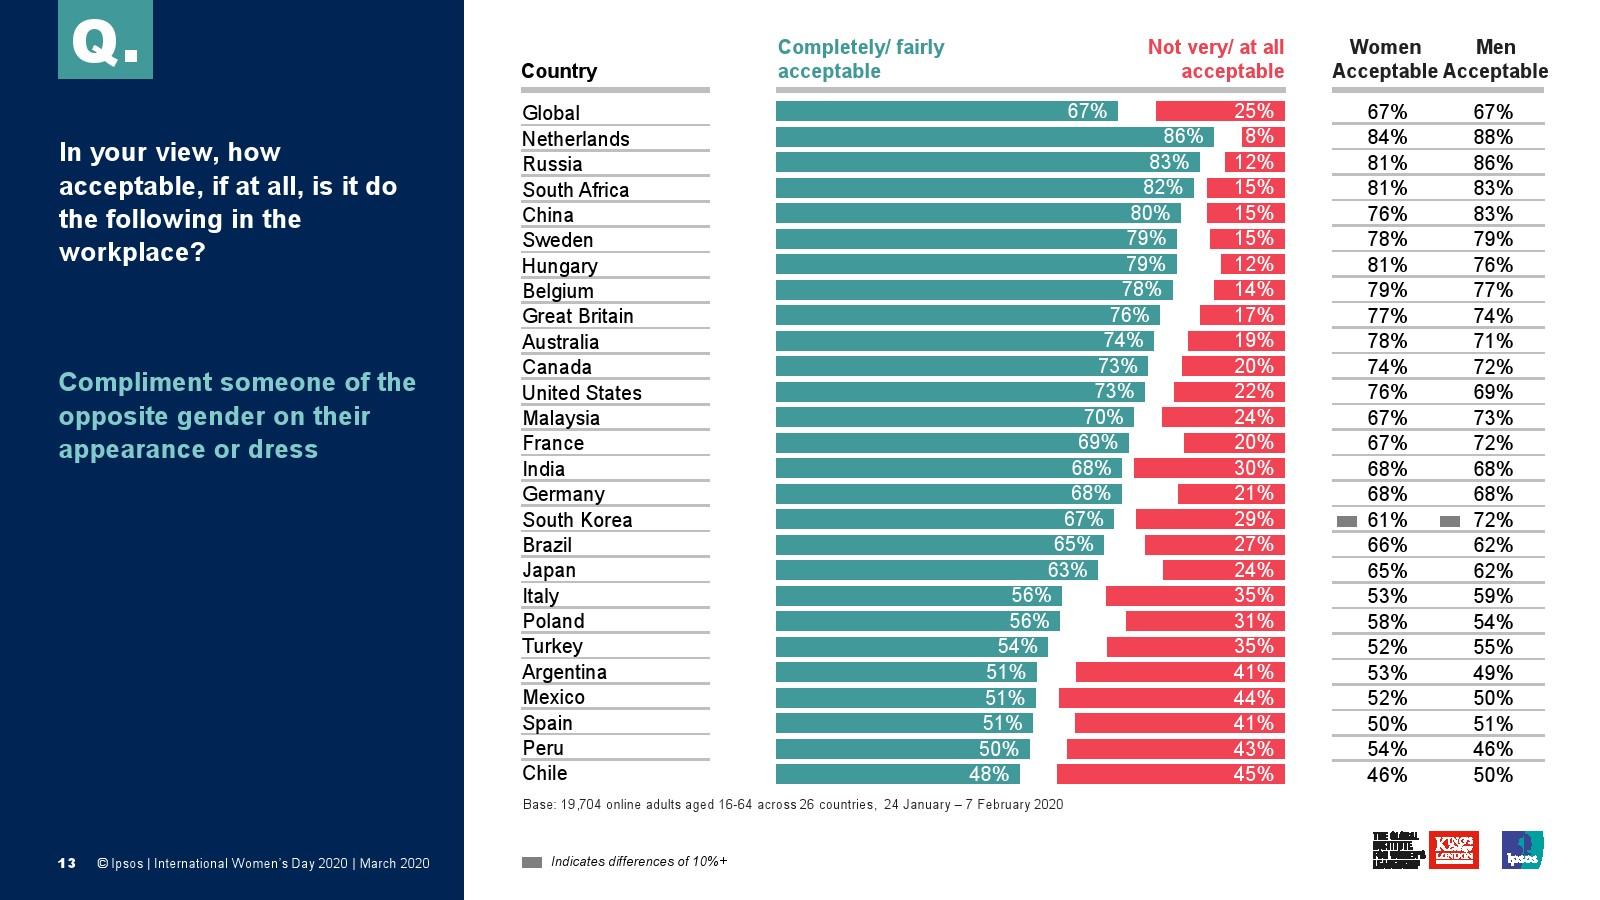 益普索:全球职场性别平等调查报告